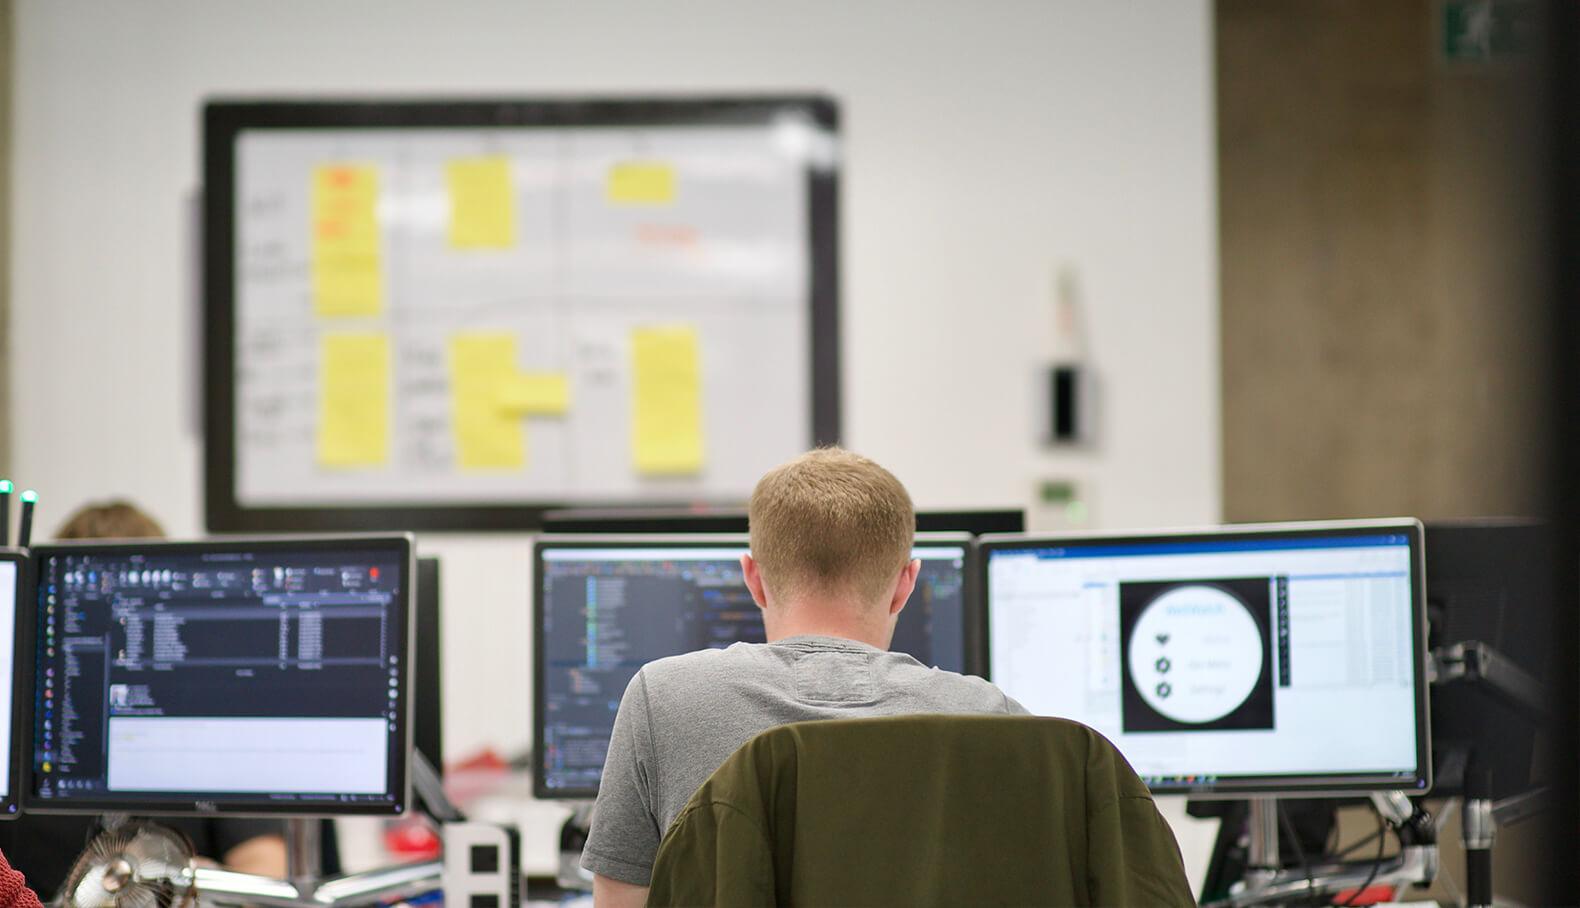 will working on cloud desktops